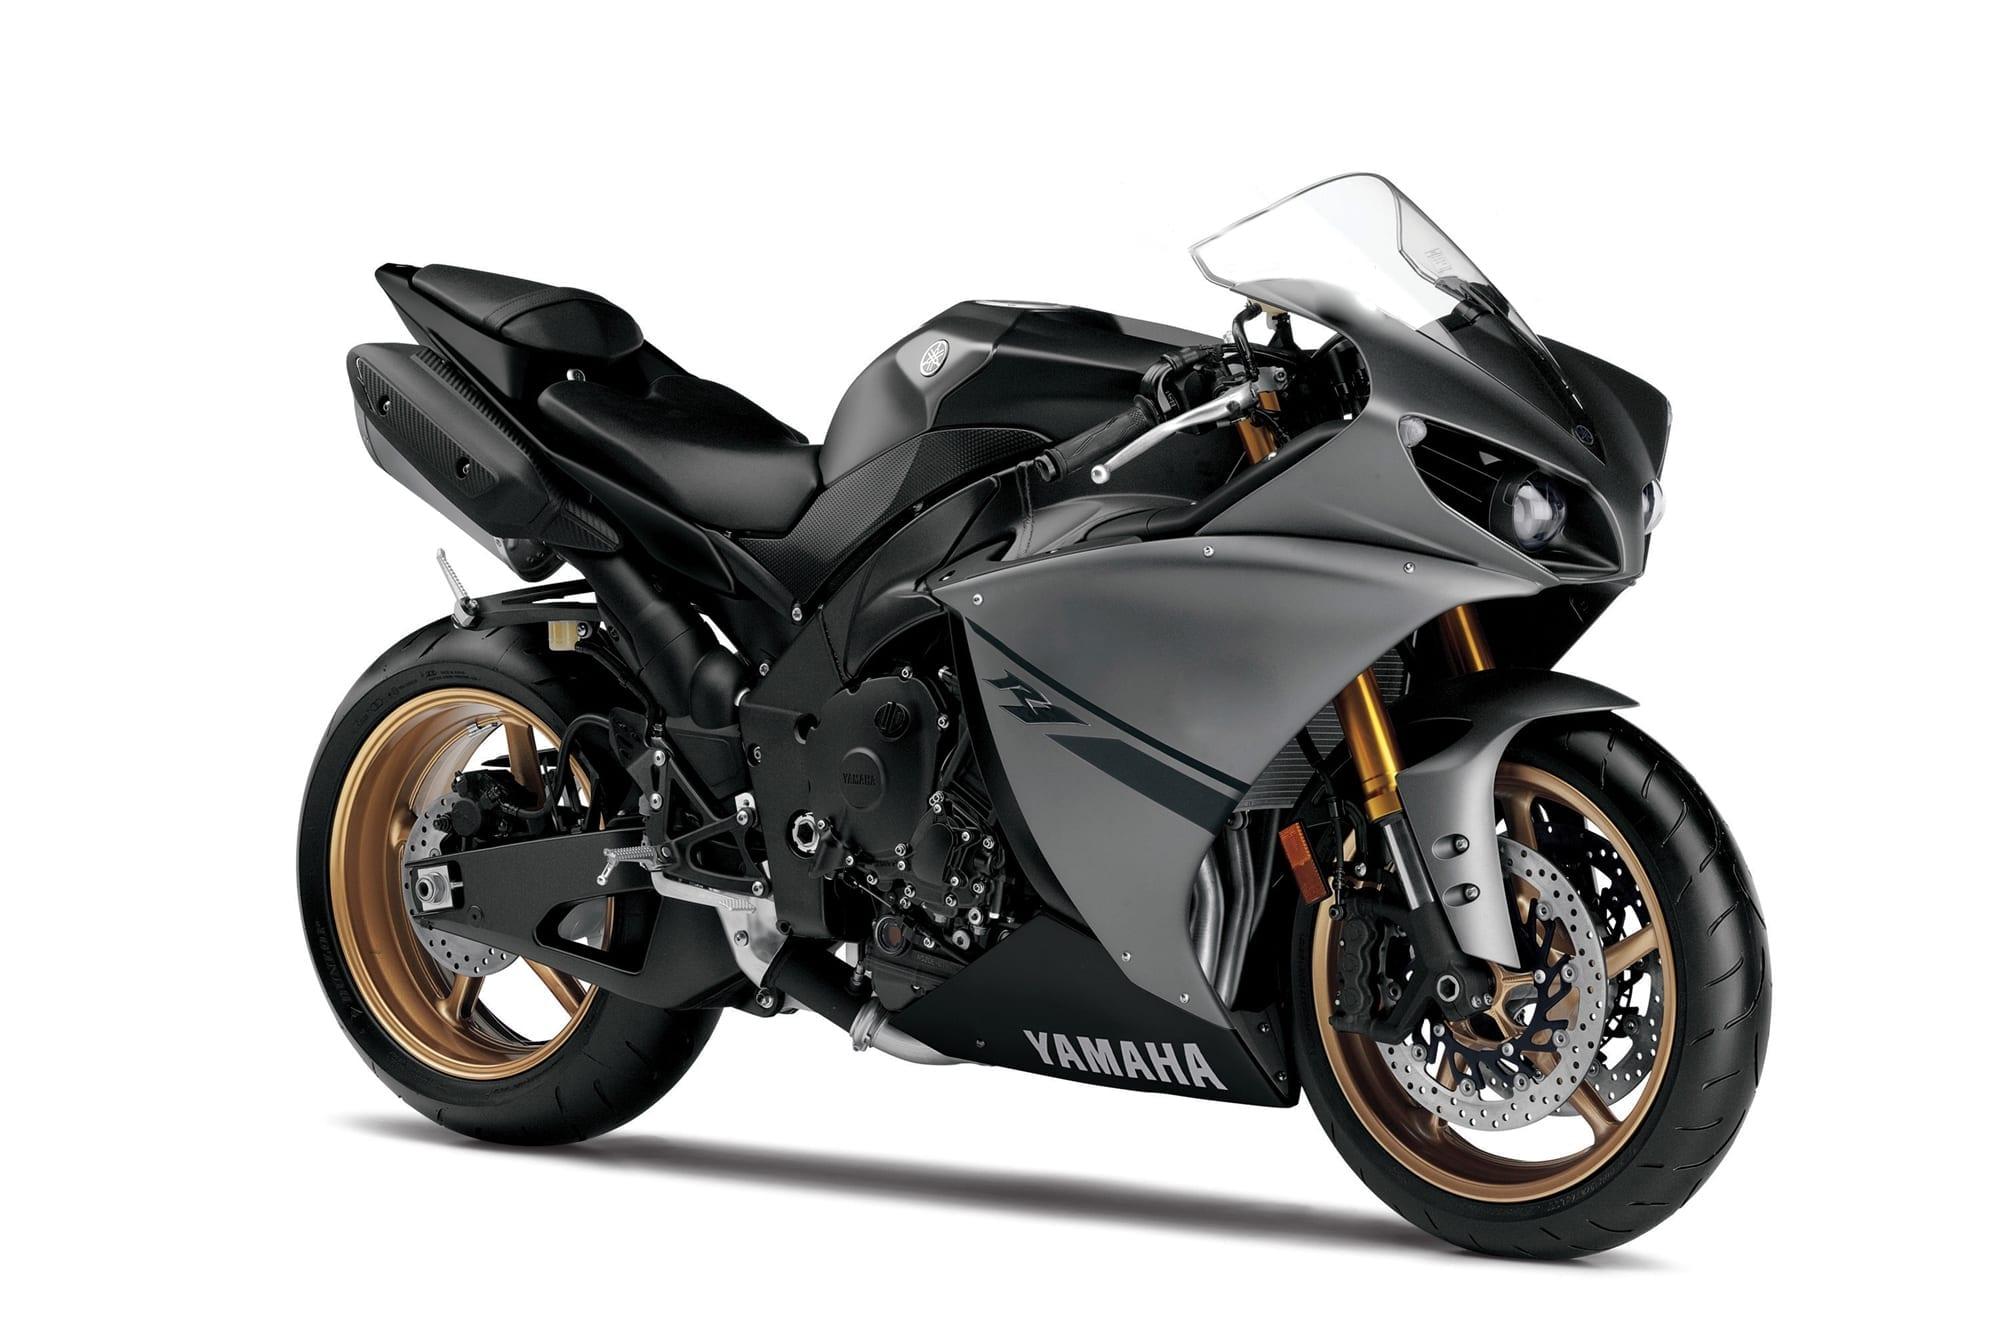 Yamaha YZF R1 '09-14 - Bazzaz